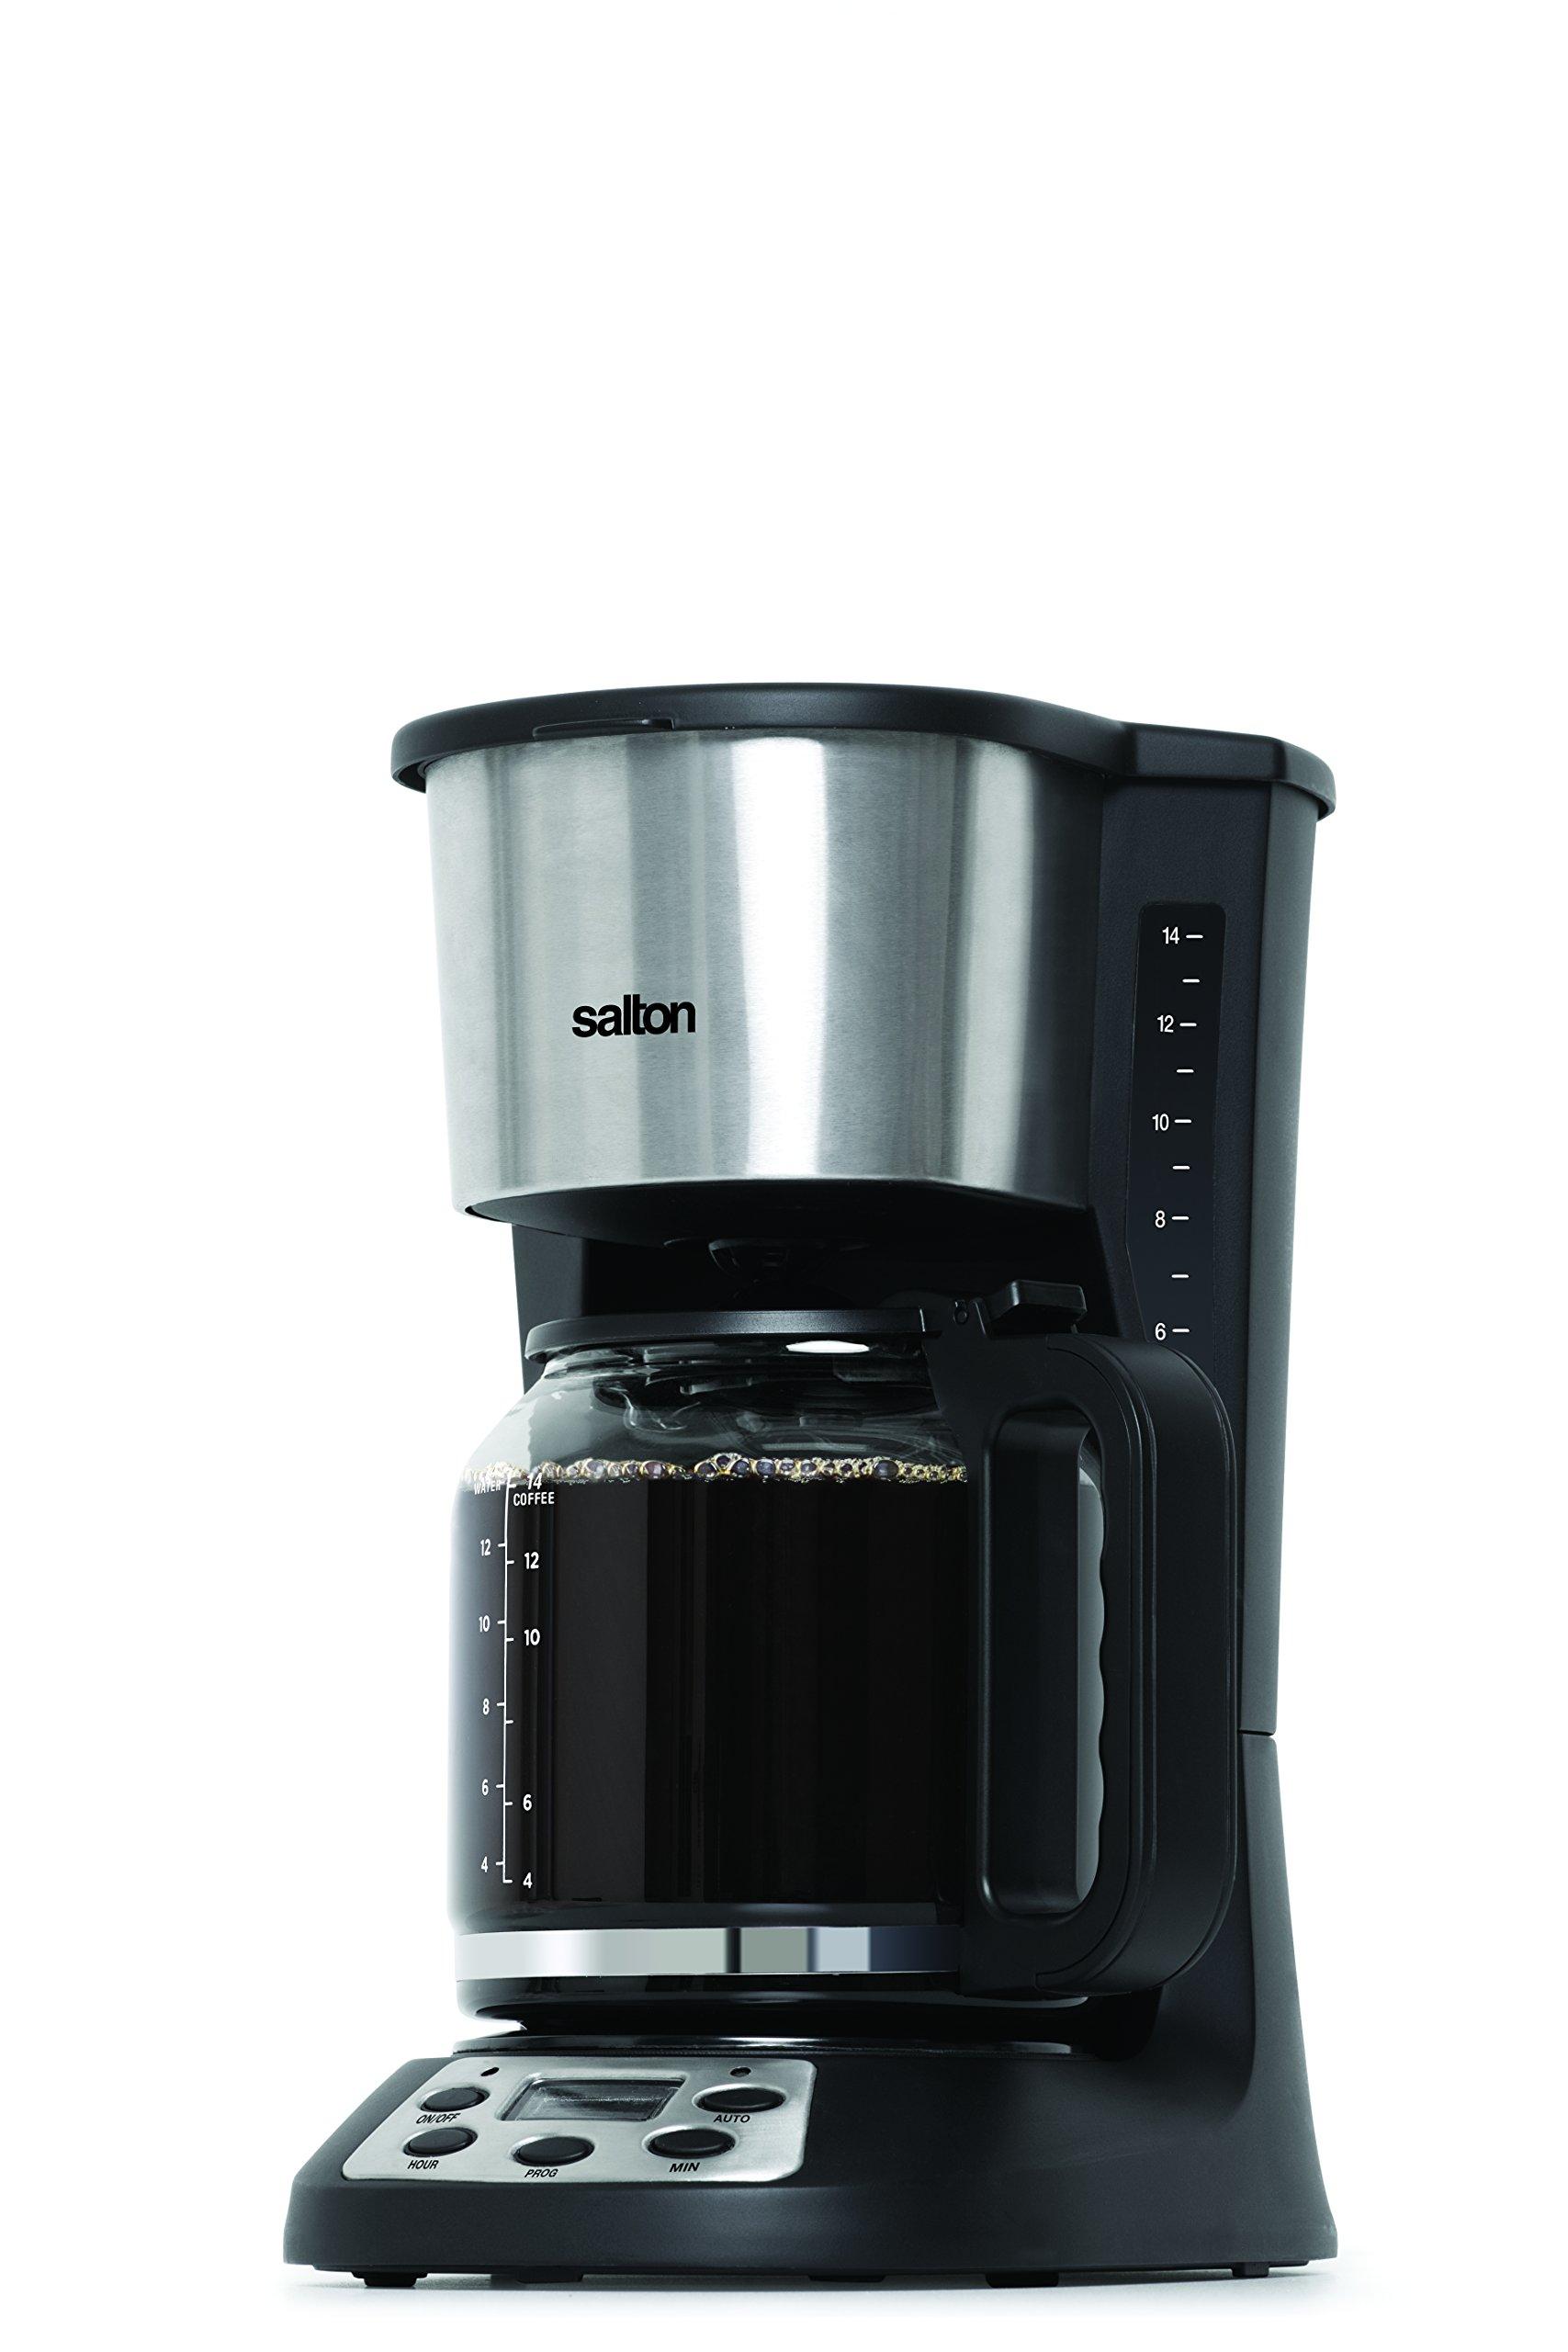 Salton FC1667 14 Cup Coffee Maker, Black by Salton